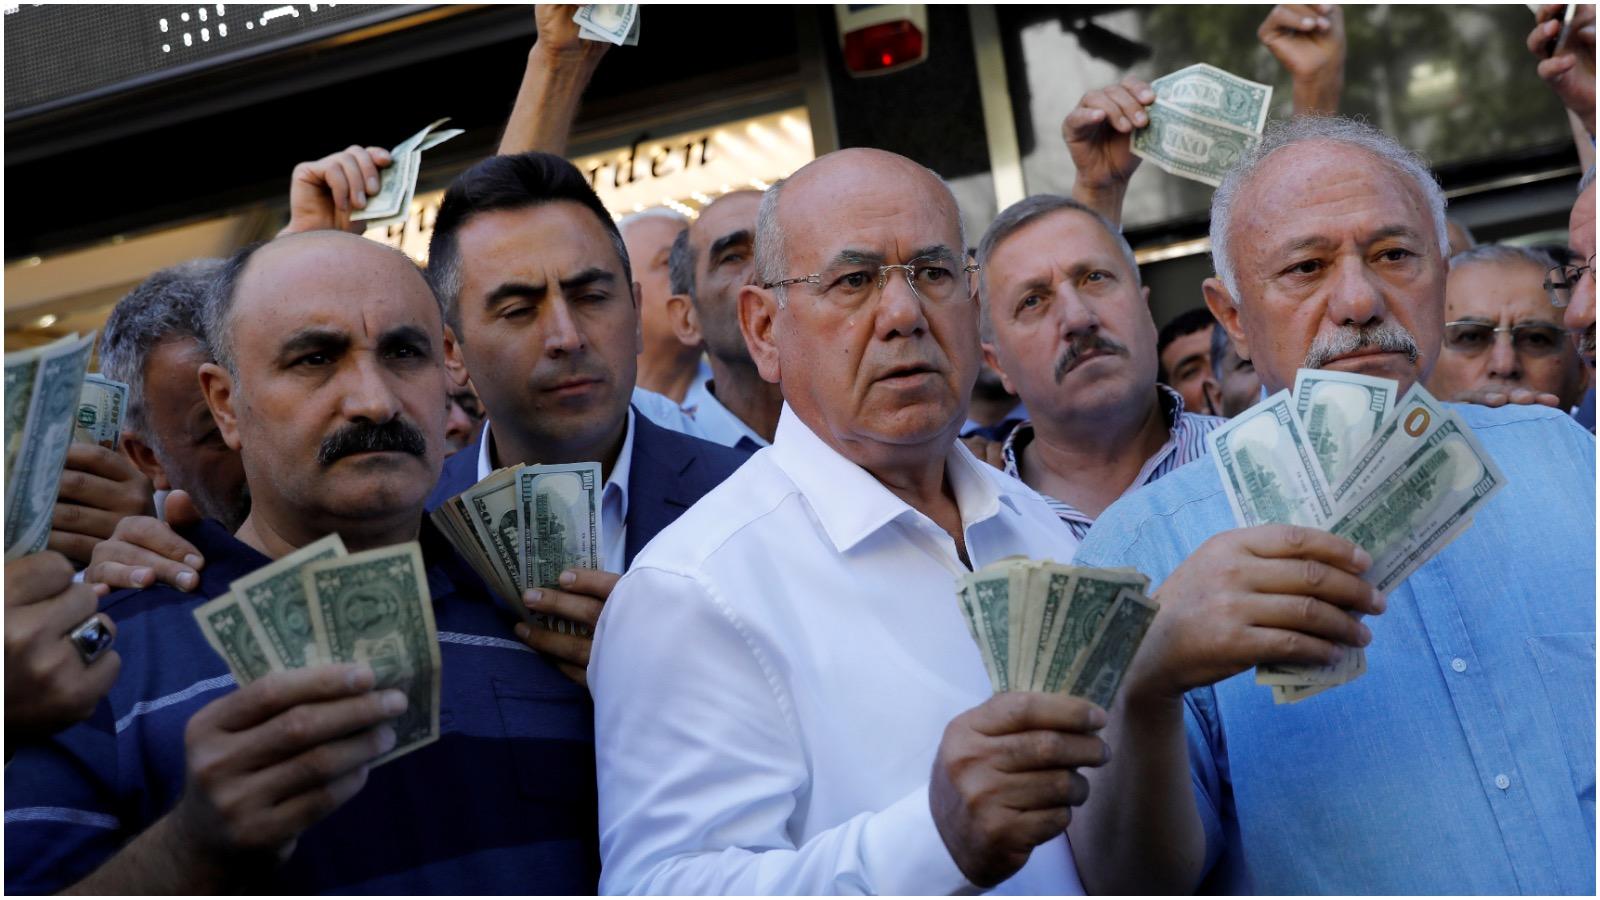 Mikael Olai Milhøj om Tyrkiet: Fra politisk til økonomisk krise